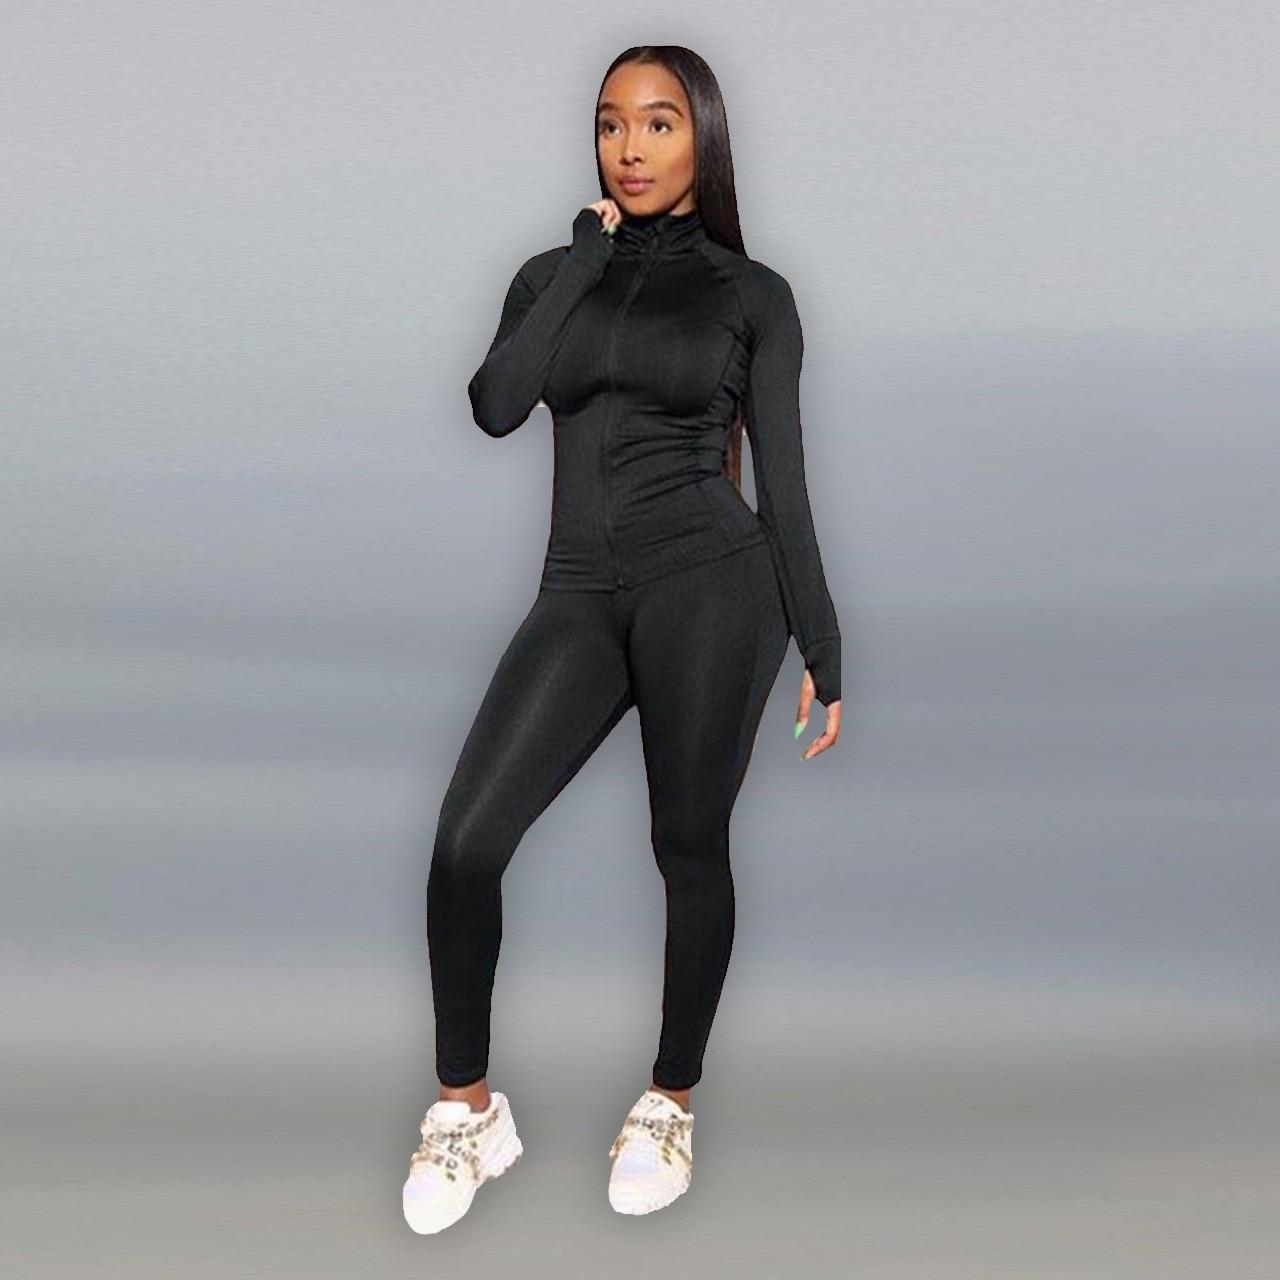 Спортивный костюм женский из двух предметов, одежда для отдыха на молнии с длинным рукавом, джоггеры, комплект спортивных костюмов, Байкерс...